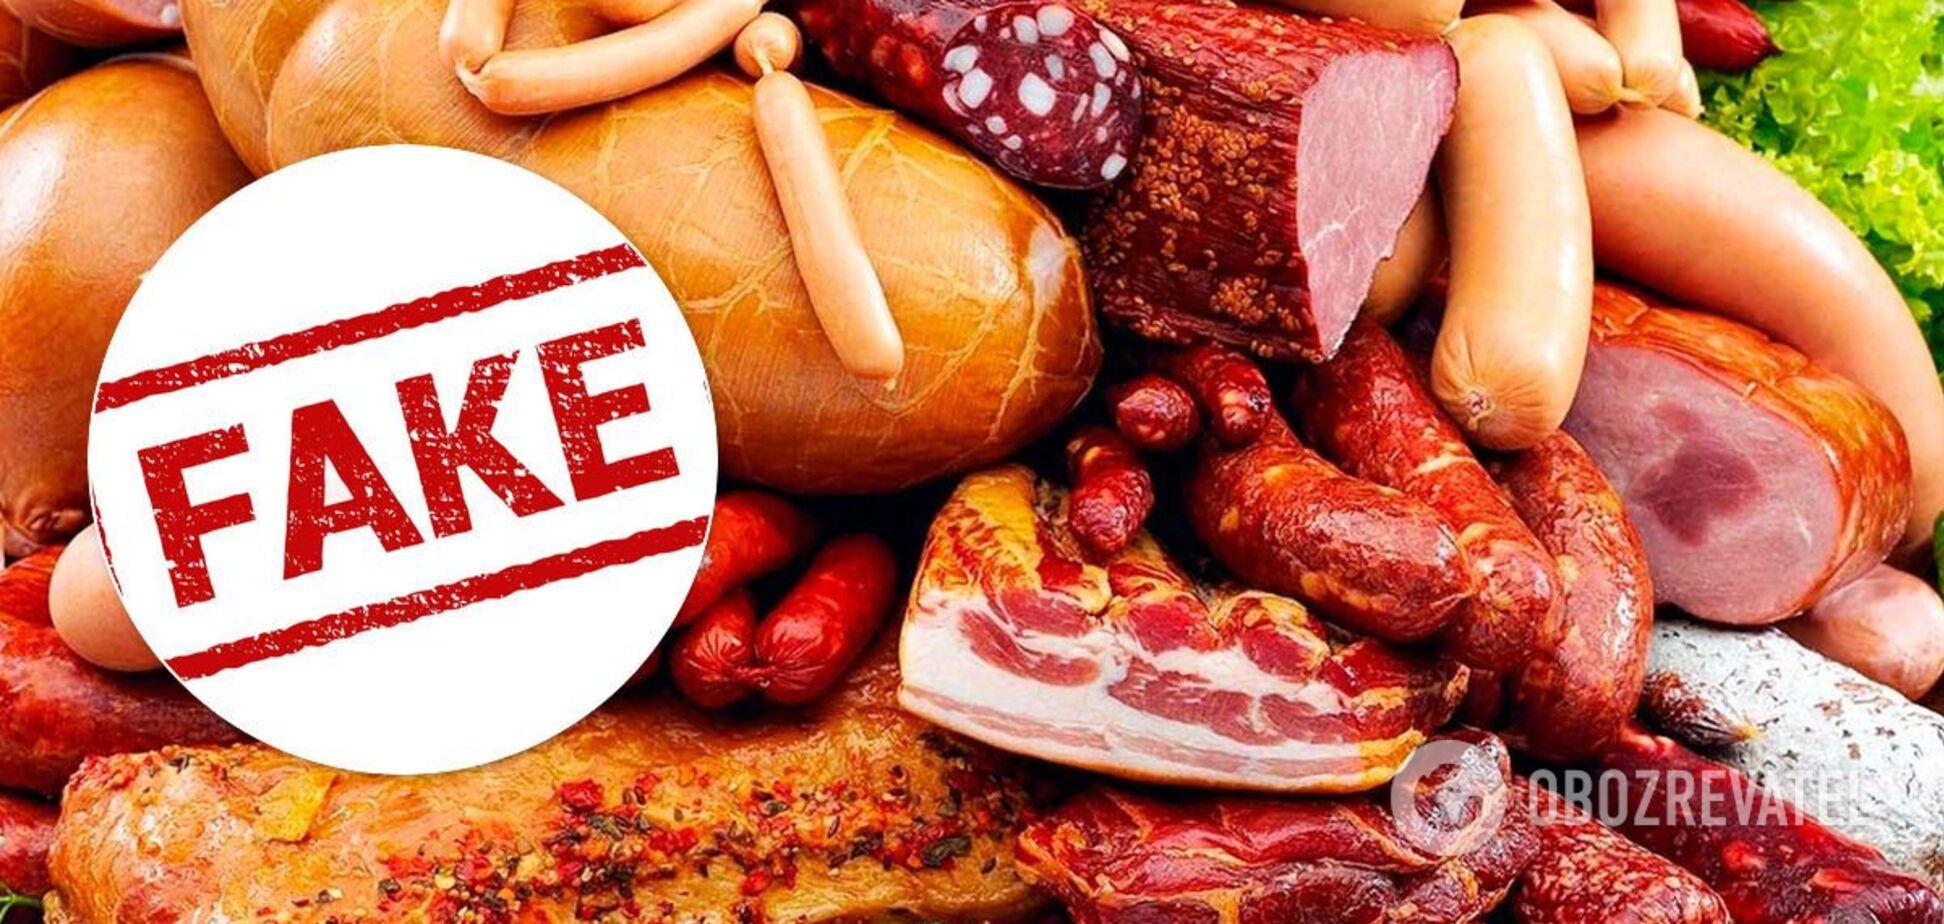 Якщо на ковбасі написано 'ММО', її не варто купляти, – експертка